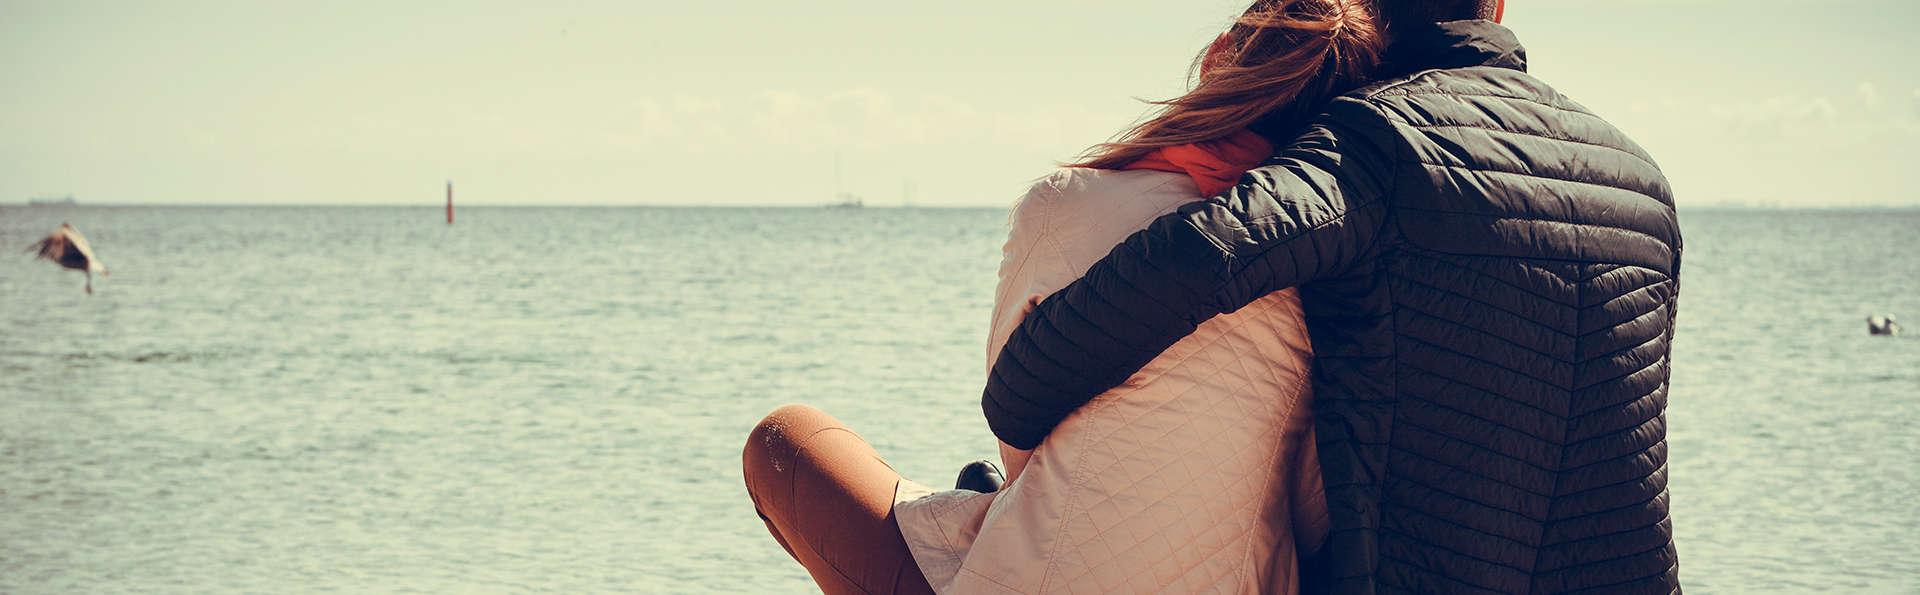 Romanticismo y relax en la costa de Scheveningen